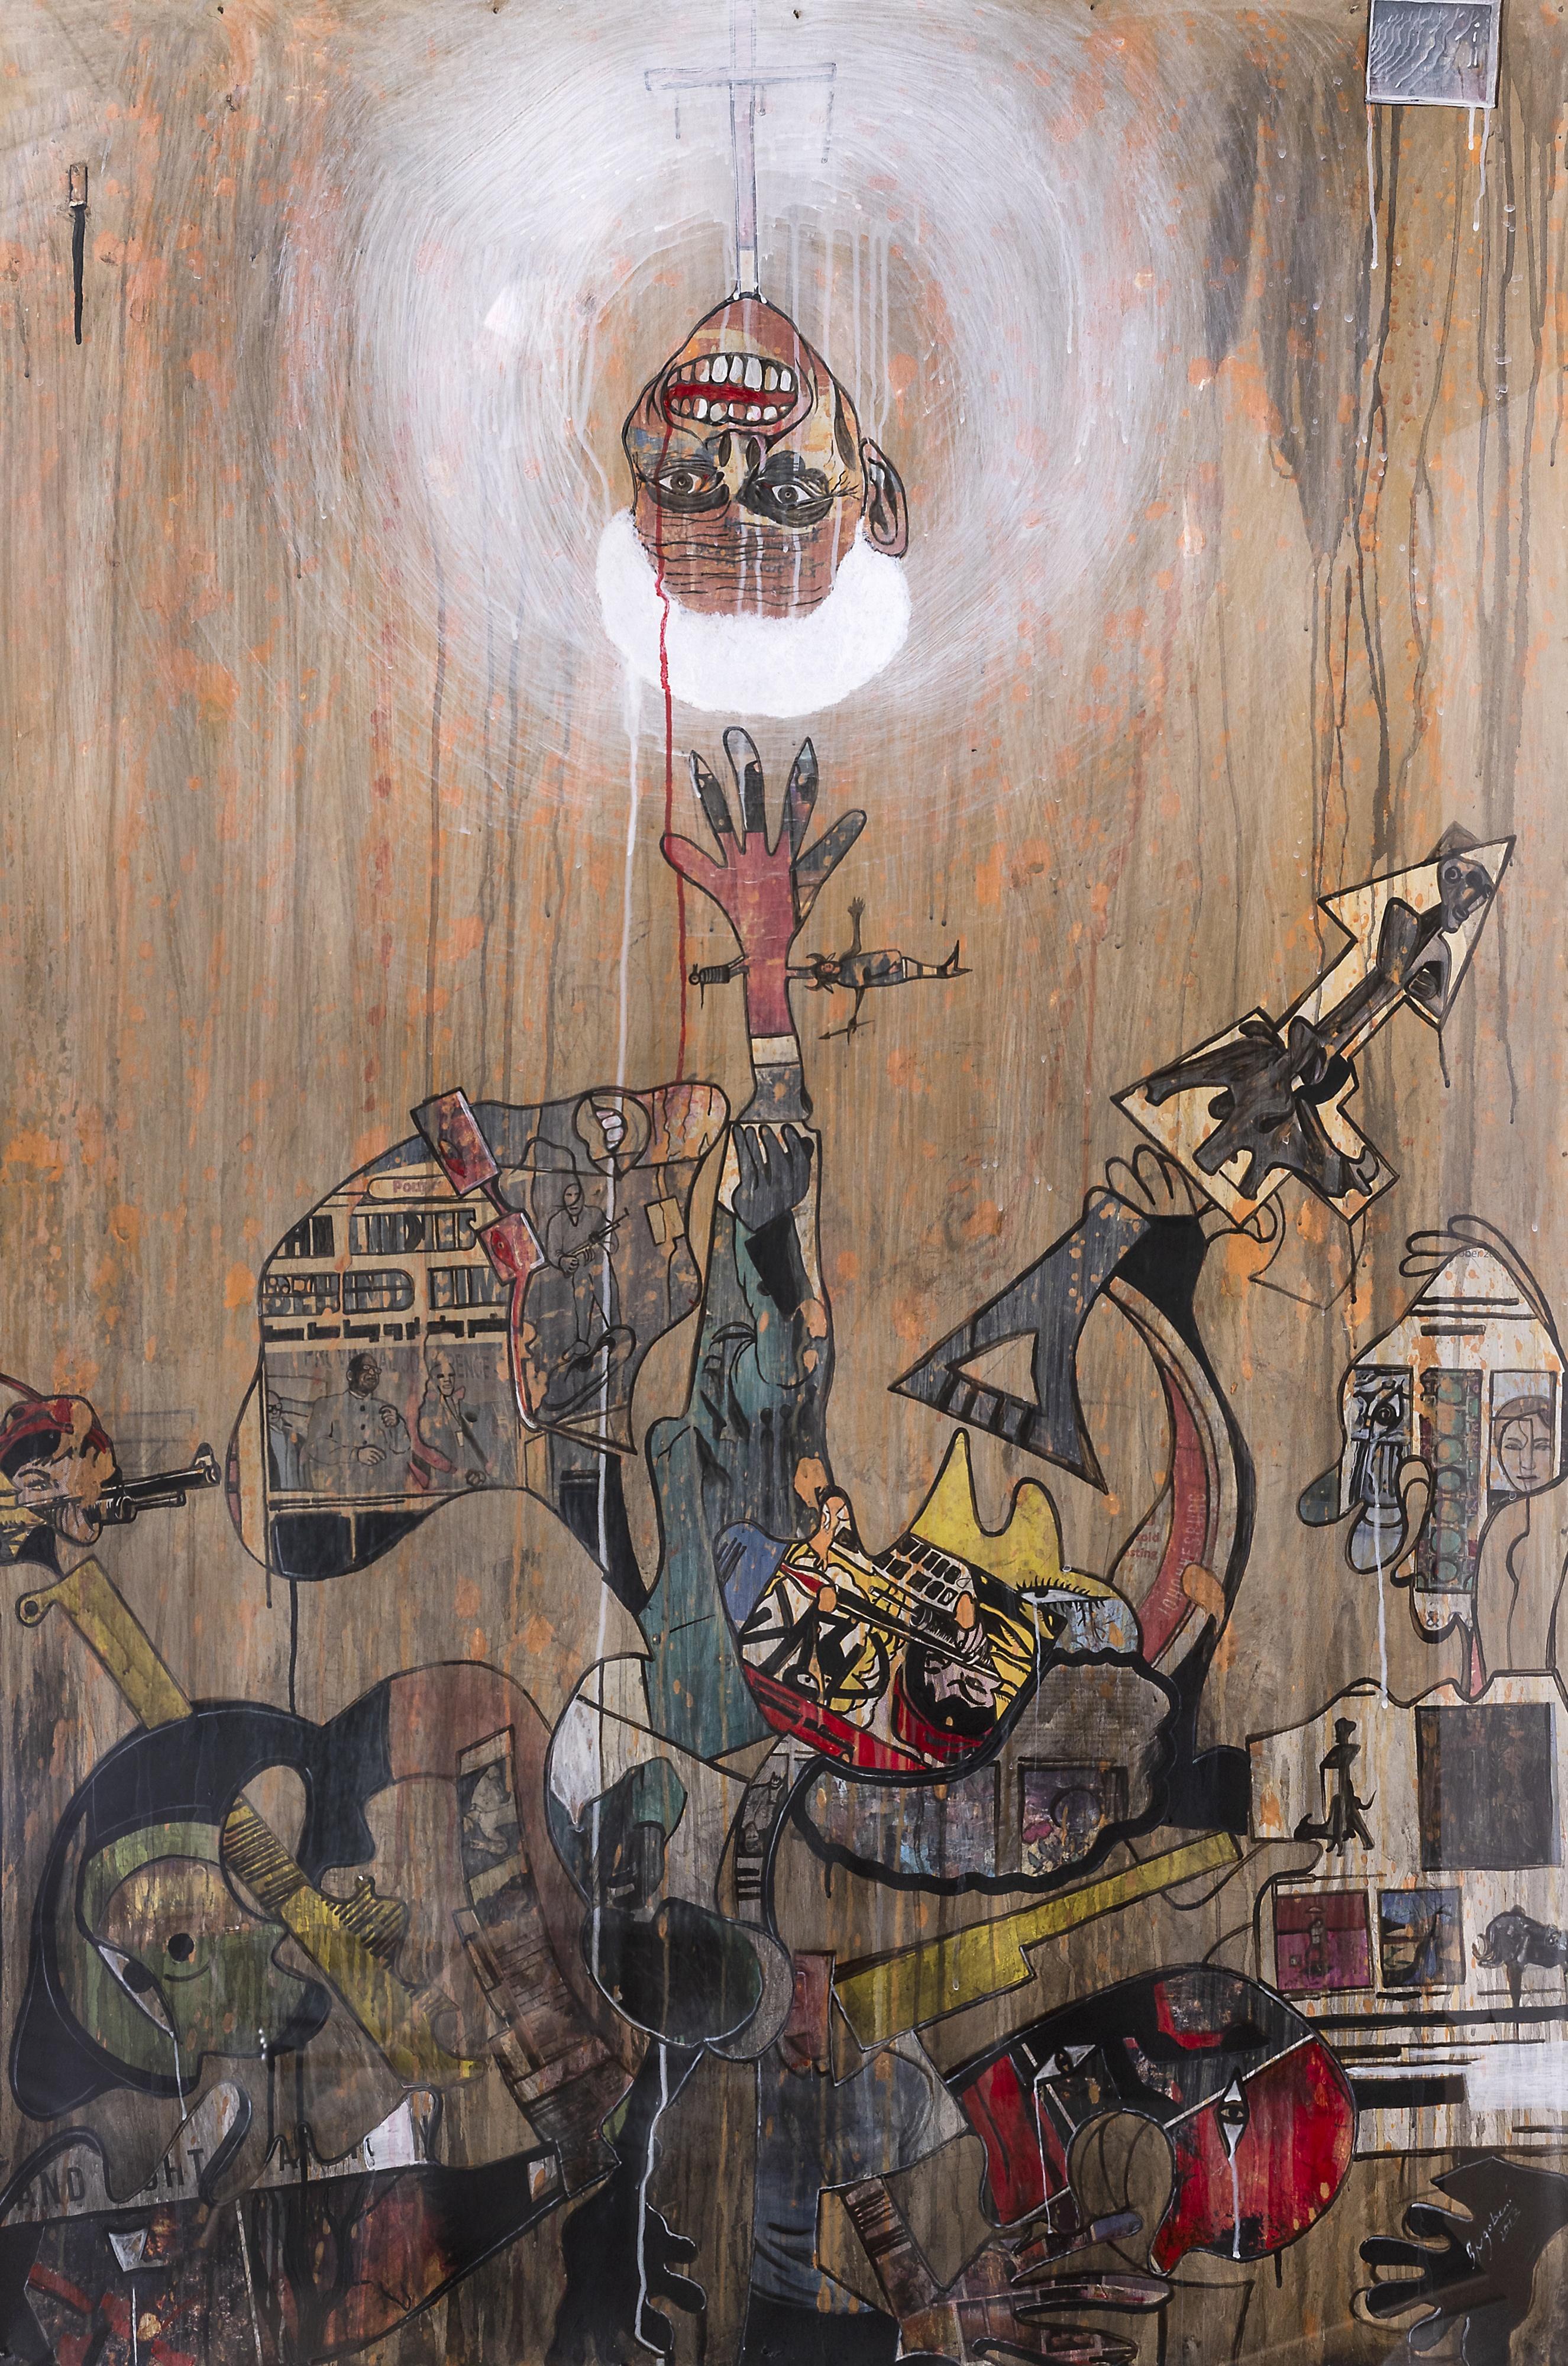 Blessing Ngobeni (South Africa 1985-) Red Dot, 2013